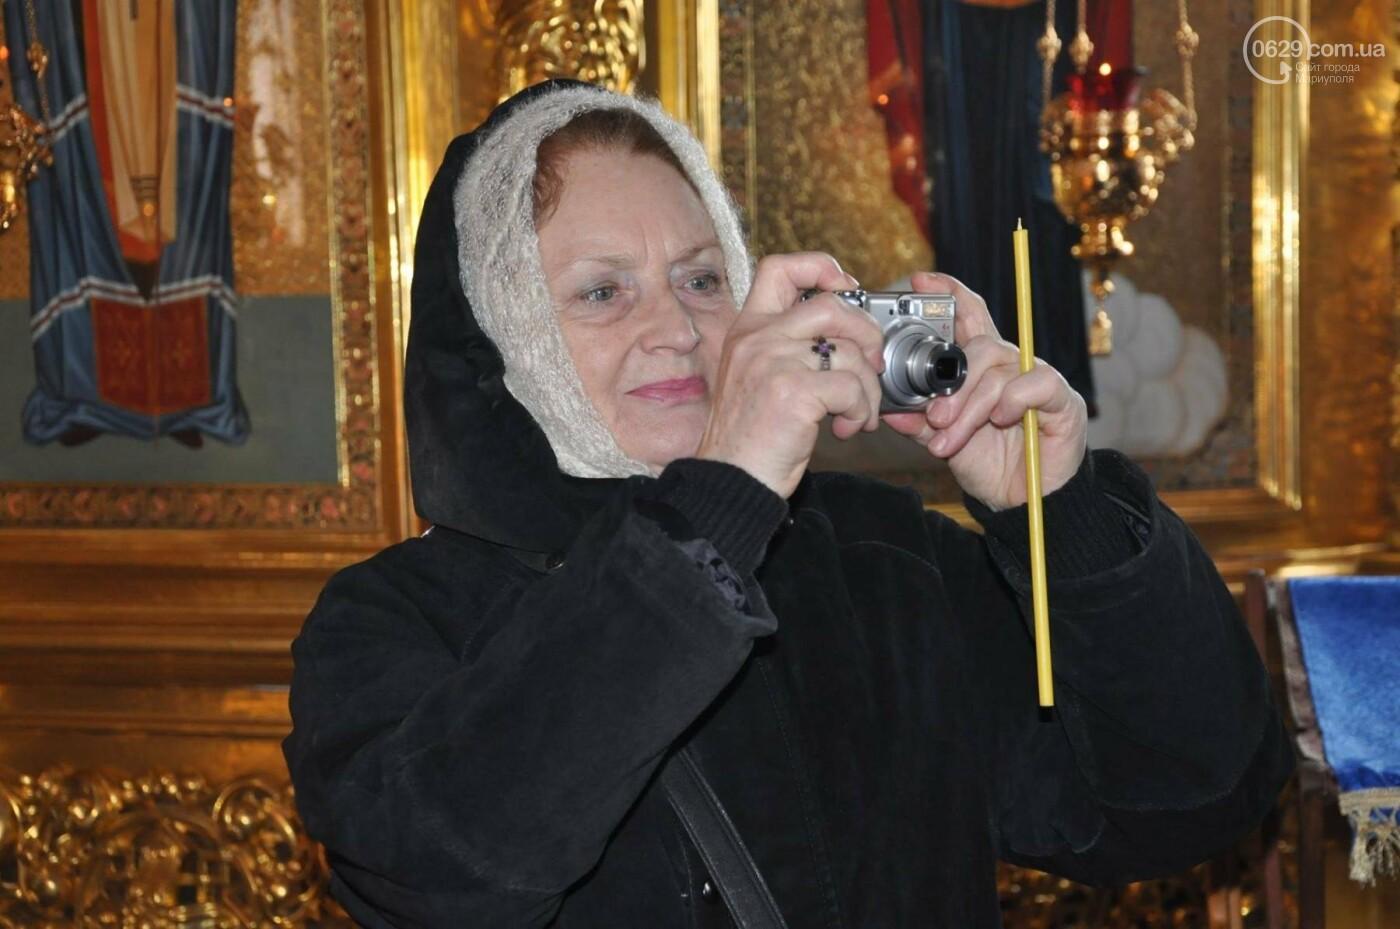 В селе Боевое испекли 17000 блинов и установили новый рекорд Украины, фото-9